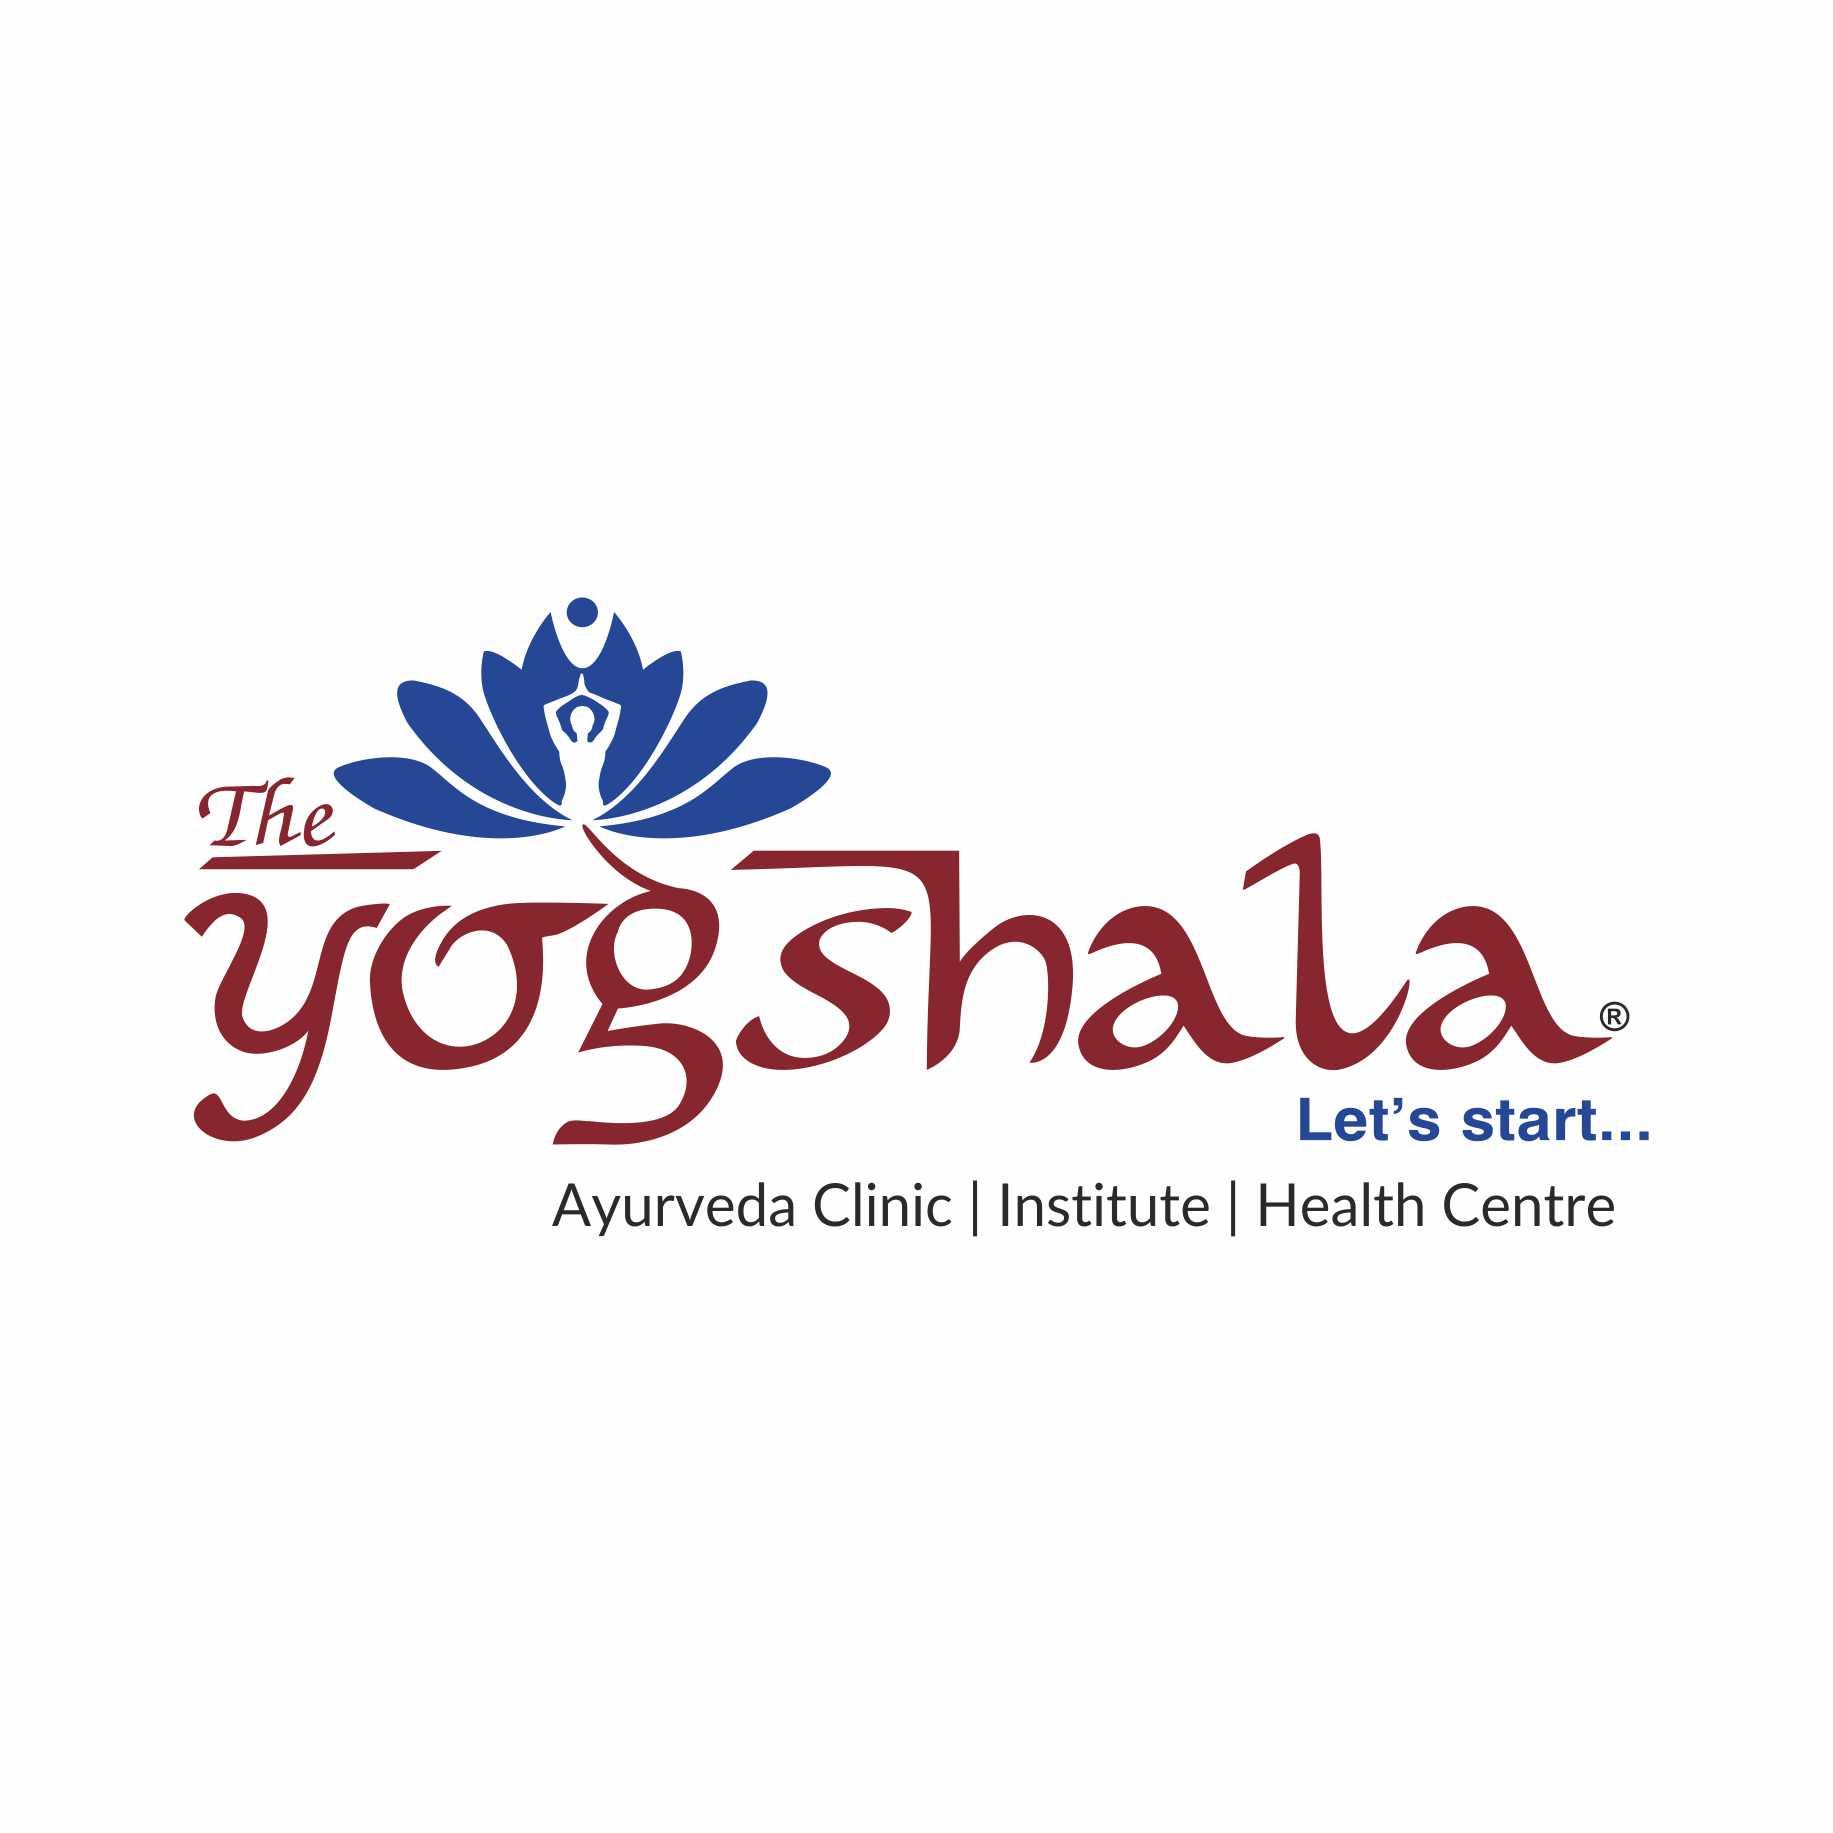 The Yogshala Ayurvedic Clinic